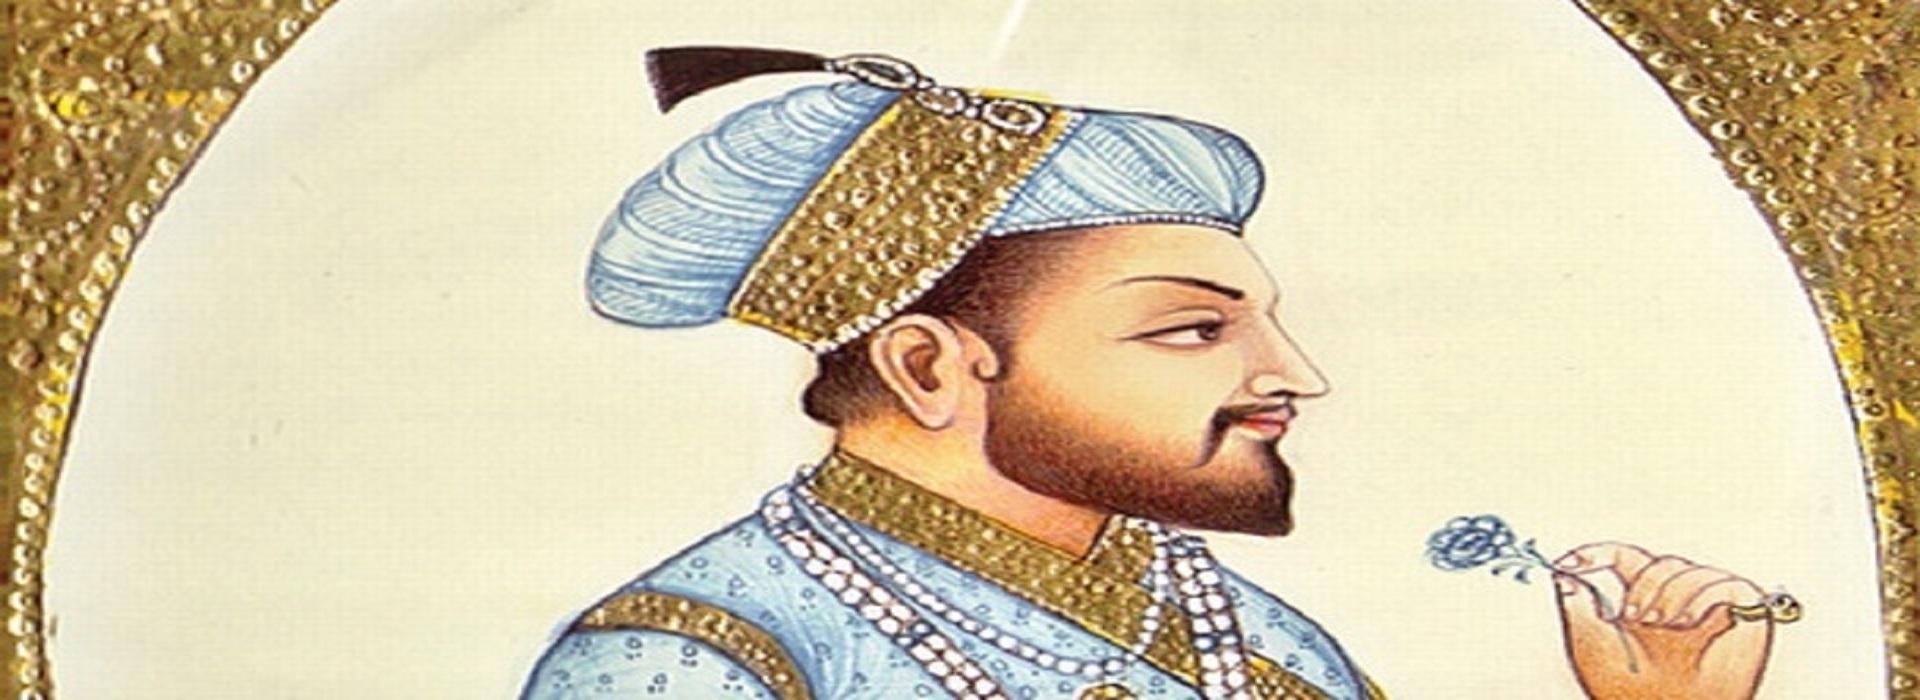 Laments of Shah Jahan on The Loss of Mumtaz Mahal